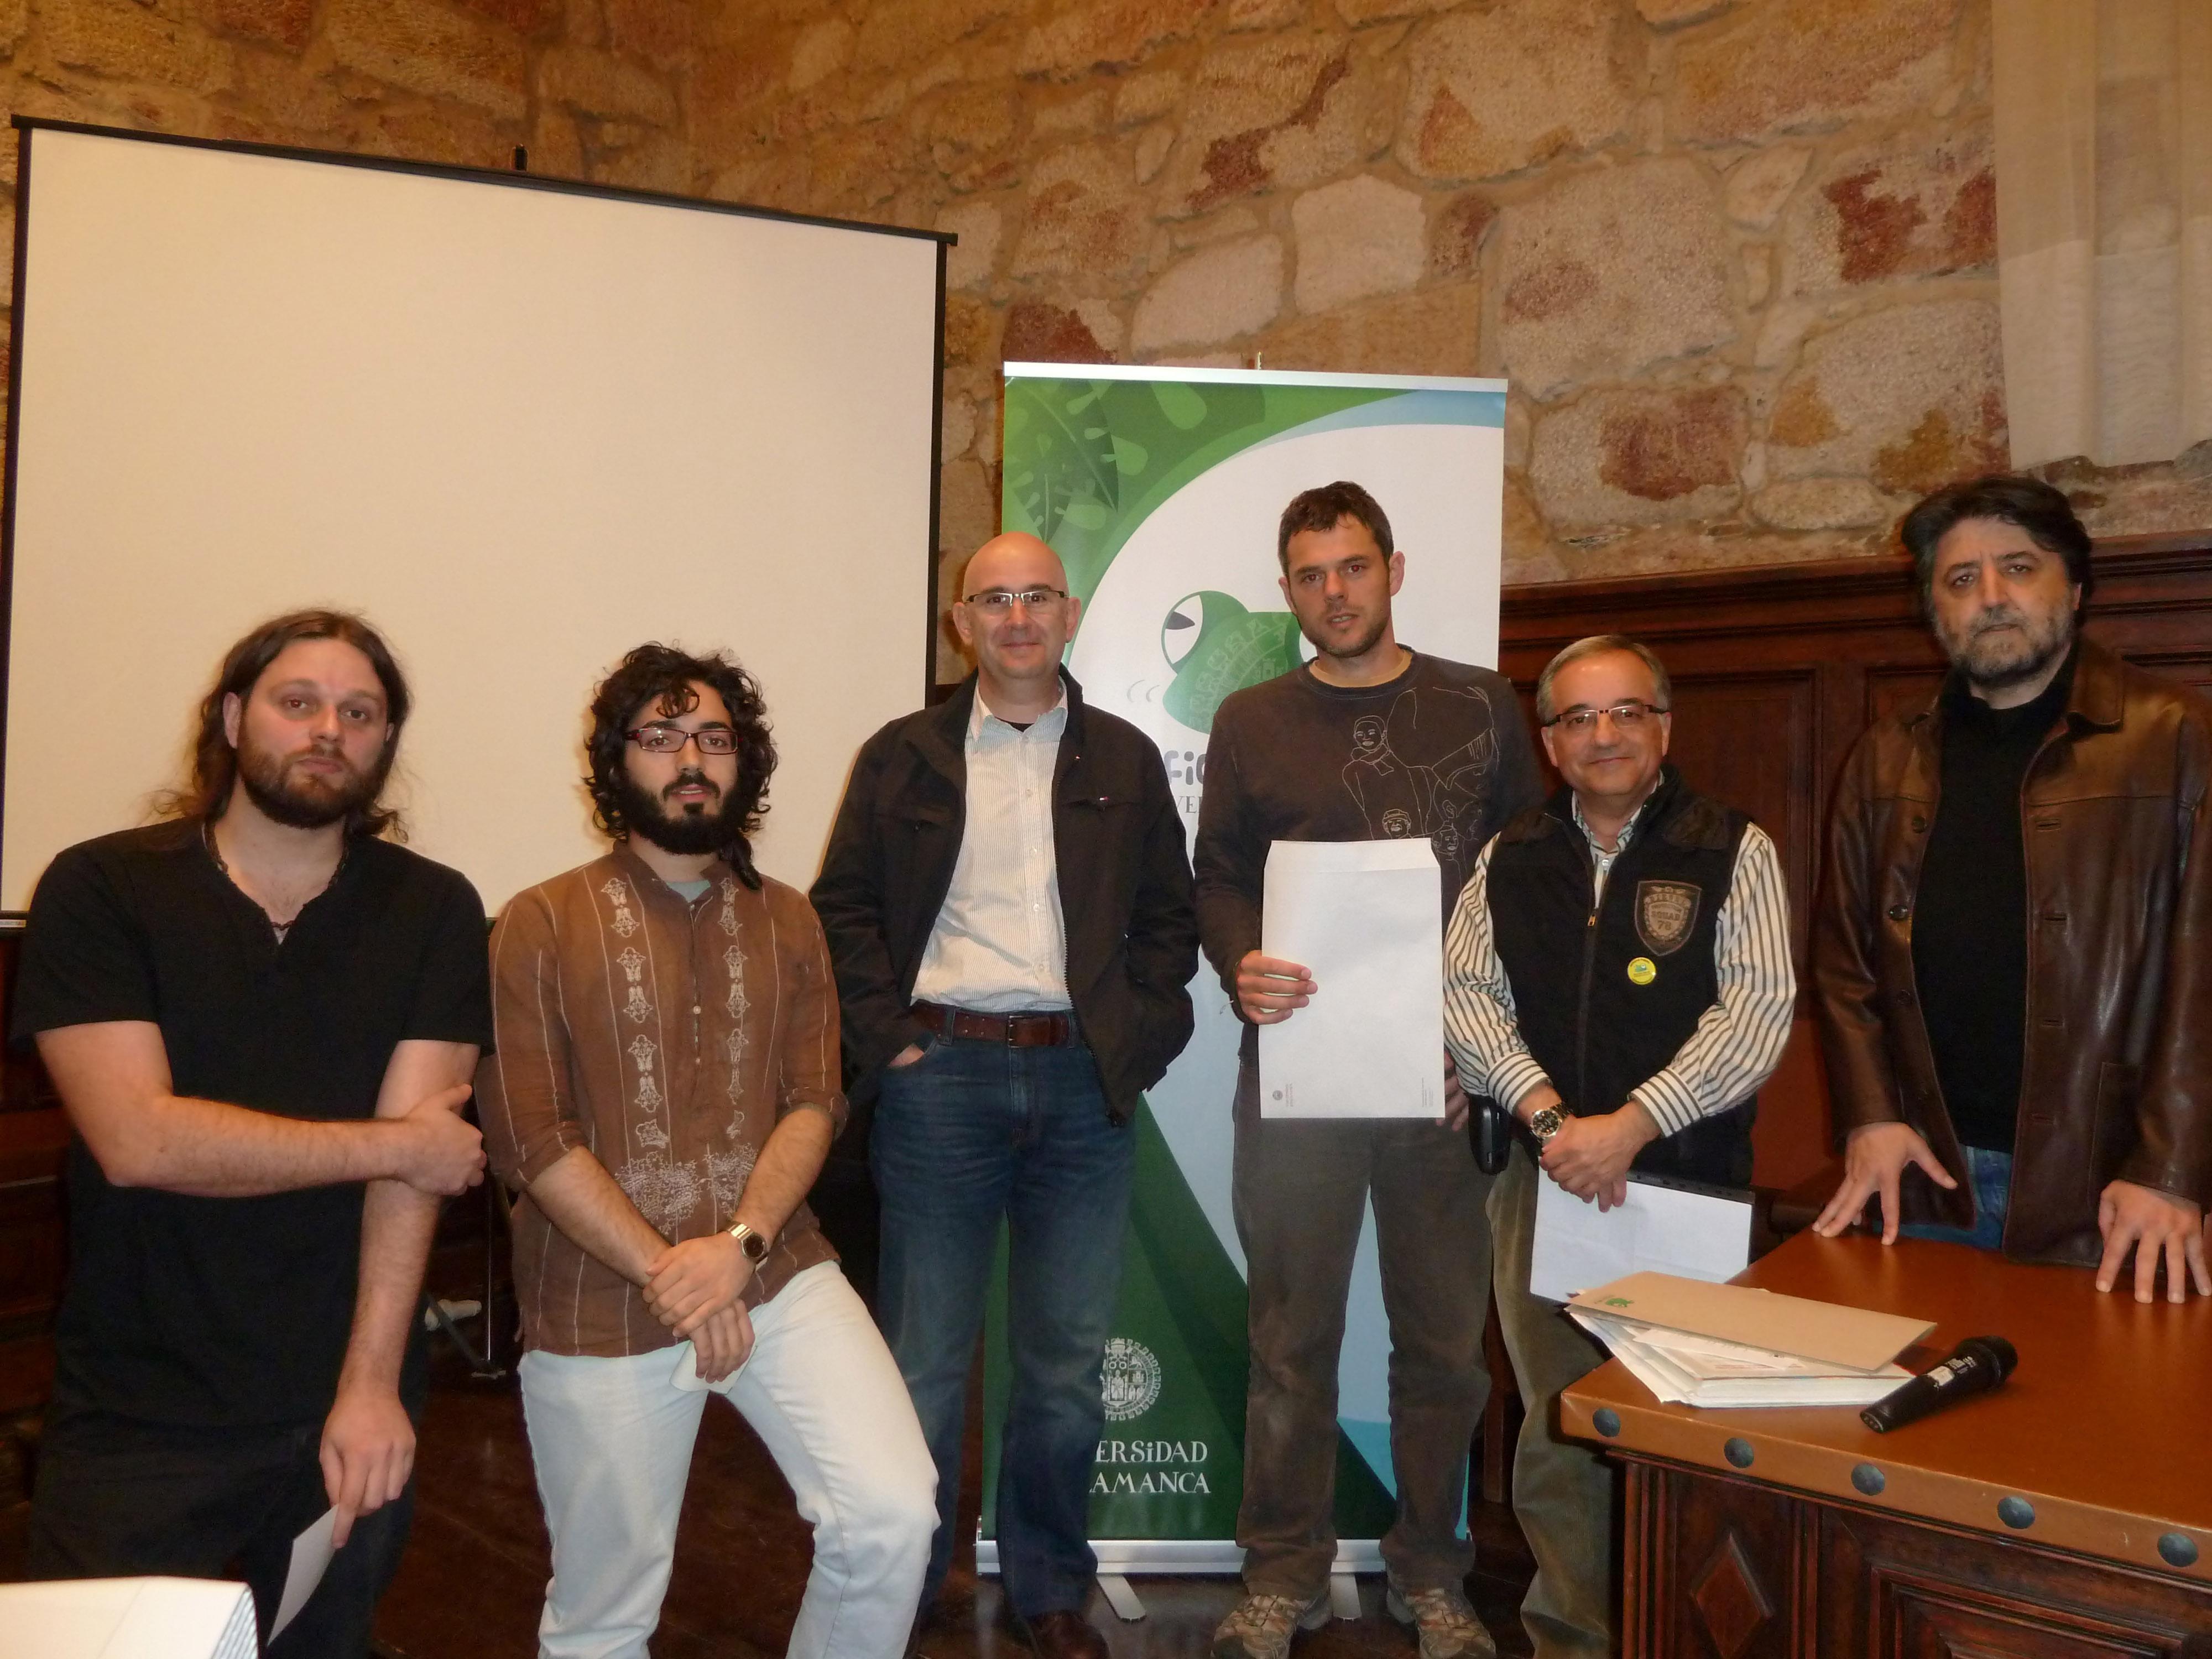 La Oficina Verde entrega los premios de Fotografía, Recicl-art y Ecocrítica